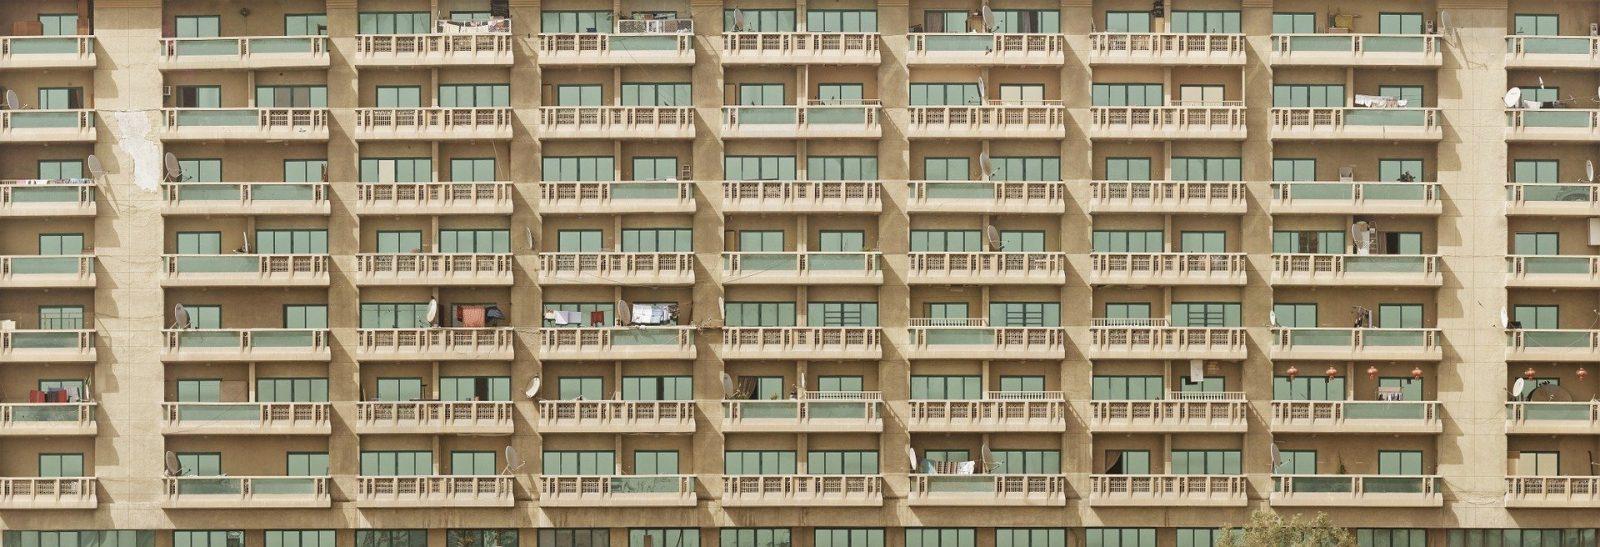 photo de fênêtres d'un immeuble (Villeneuve-la-Garenne)